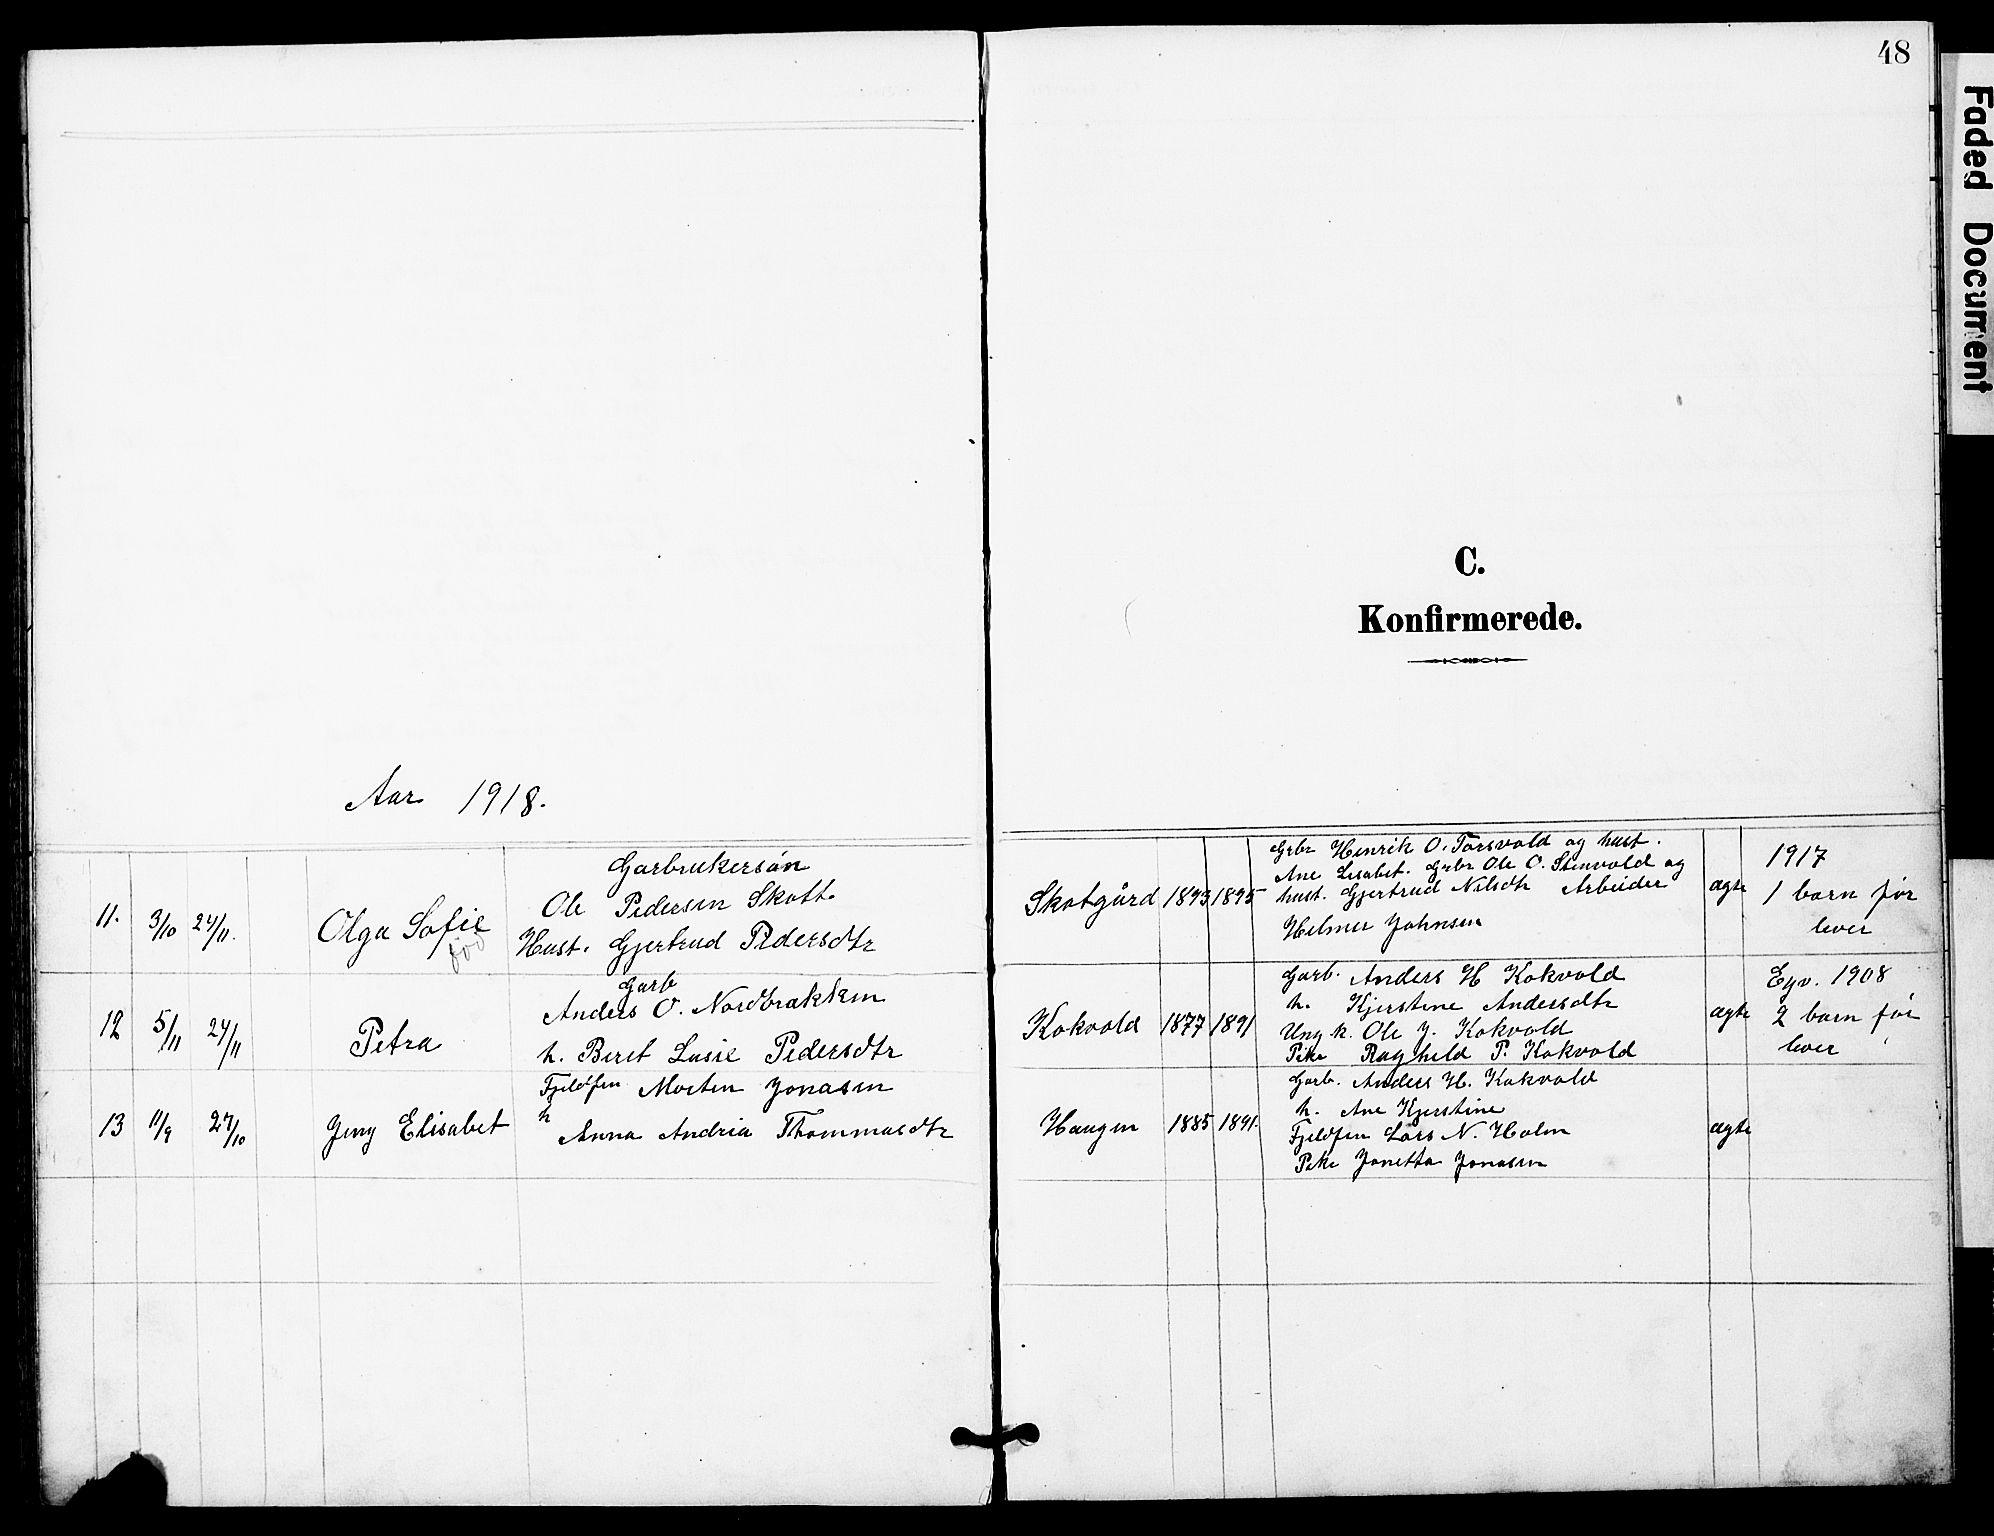 SAT, Ministerialprotokoller, klokkerbøker og fødselsregistre - Sør-Trøndelag, 683/L0950: Klokkerbok nr. 683C02, 1897-1918, s. 48